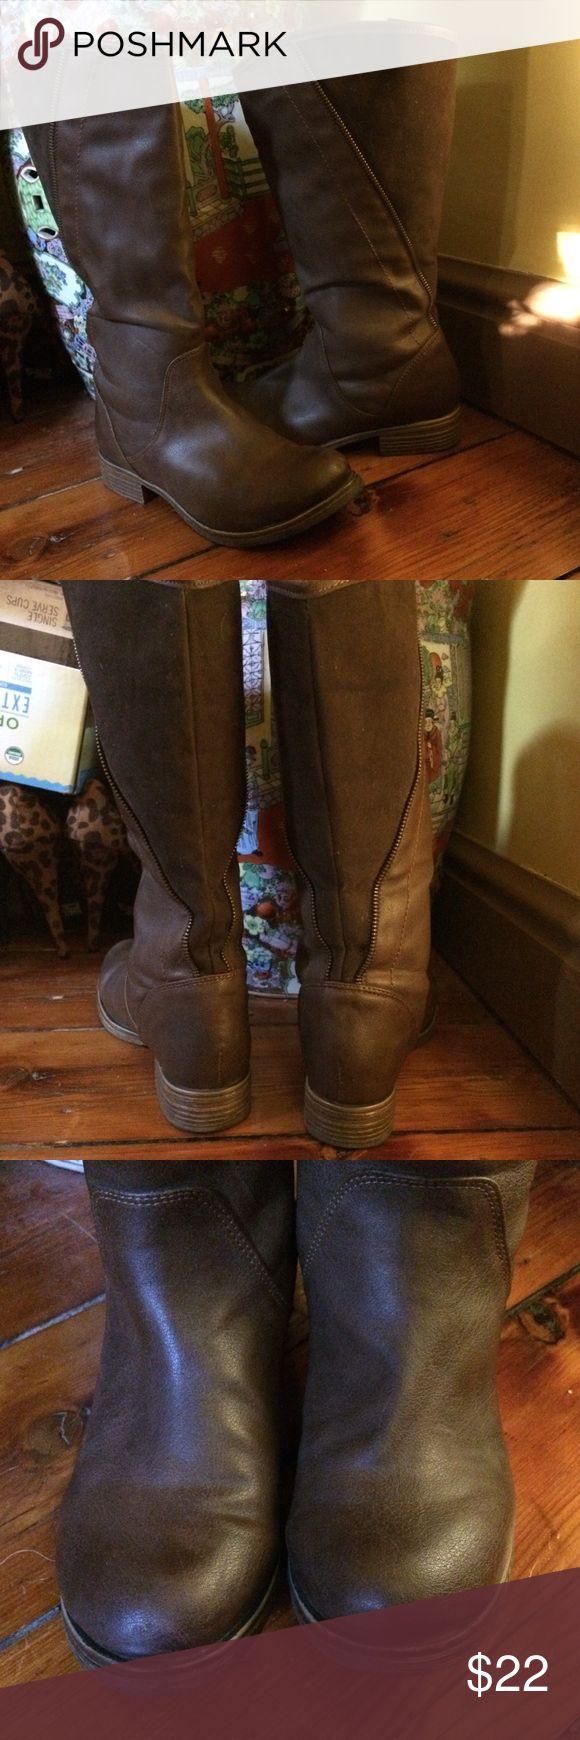 Capa de ozono high high brown boots! Capa de ozono high high brown boots with decorative zipper design. capa de ozono Shoes